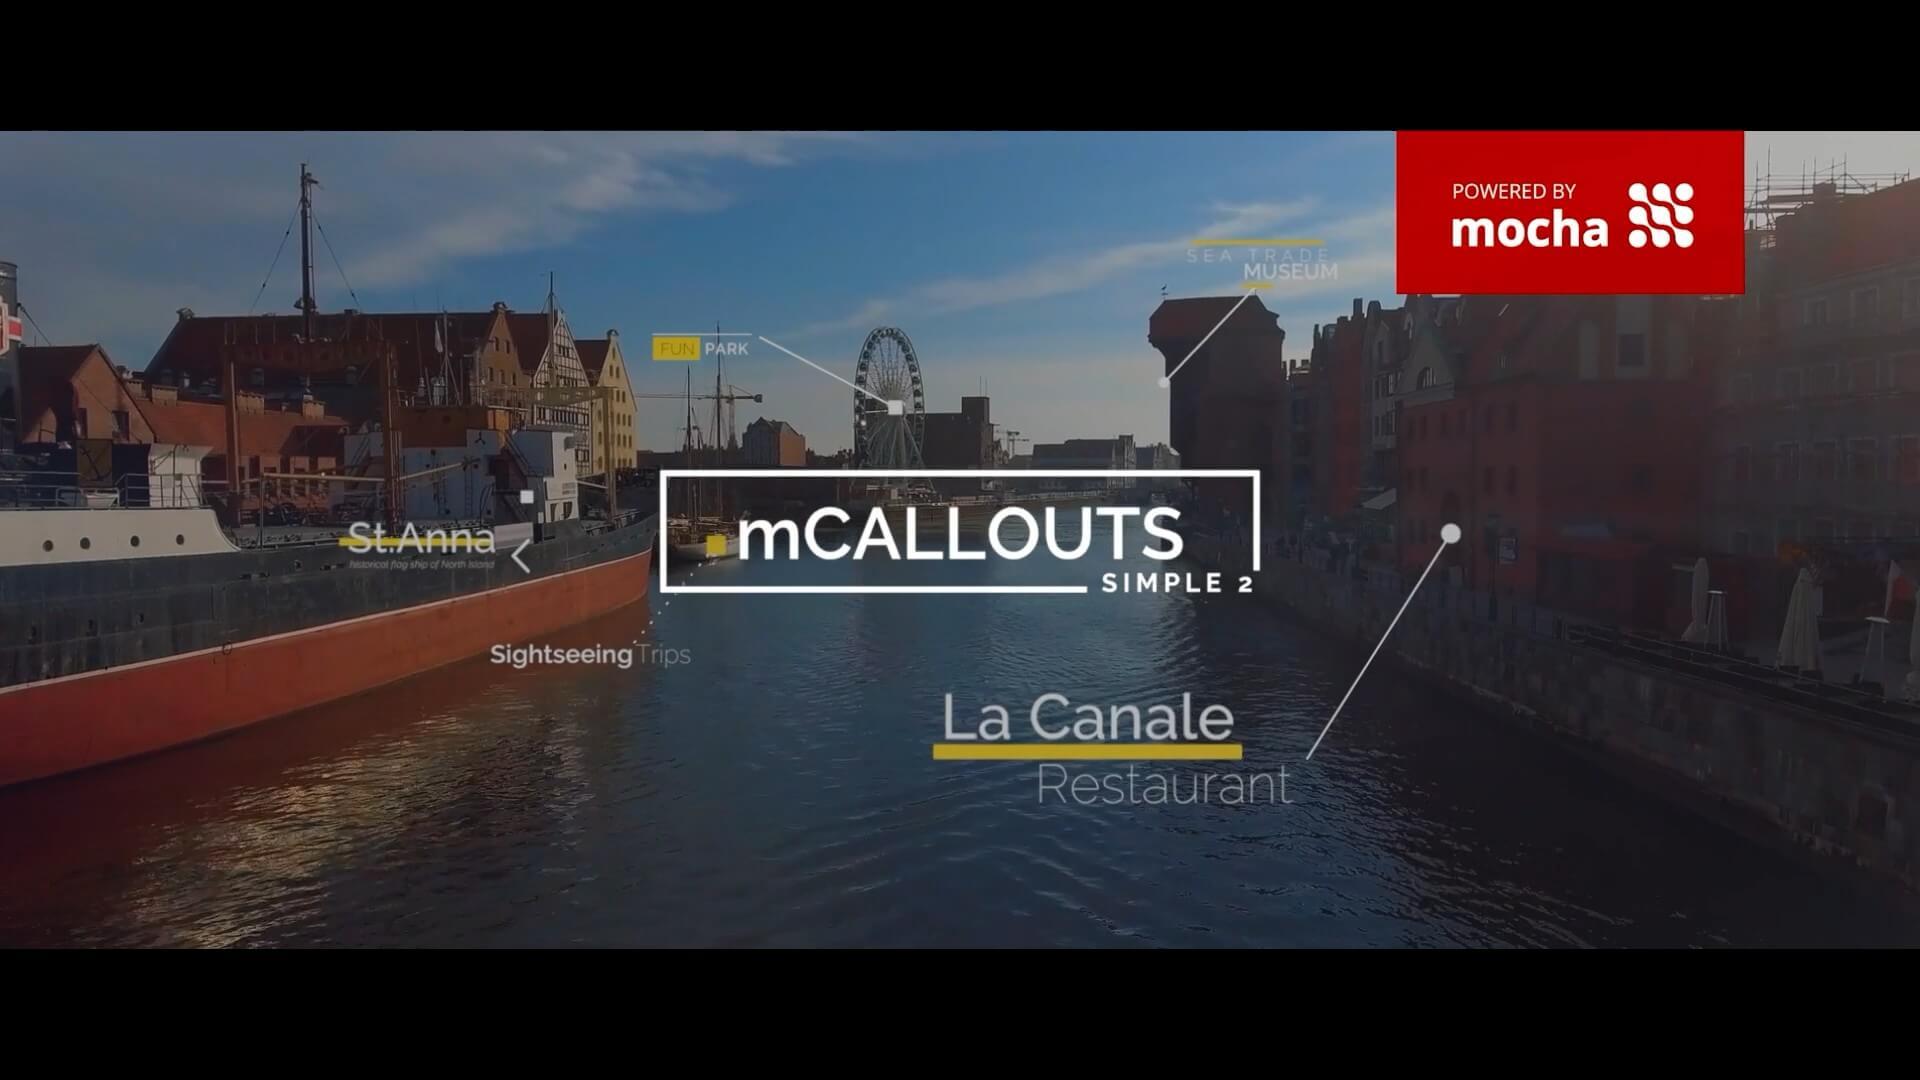 FCPX插件 50种自动跟踪线条呼出标题注释动画 一键安装版 mCallouts Simple 2